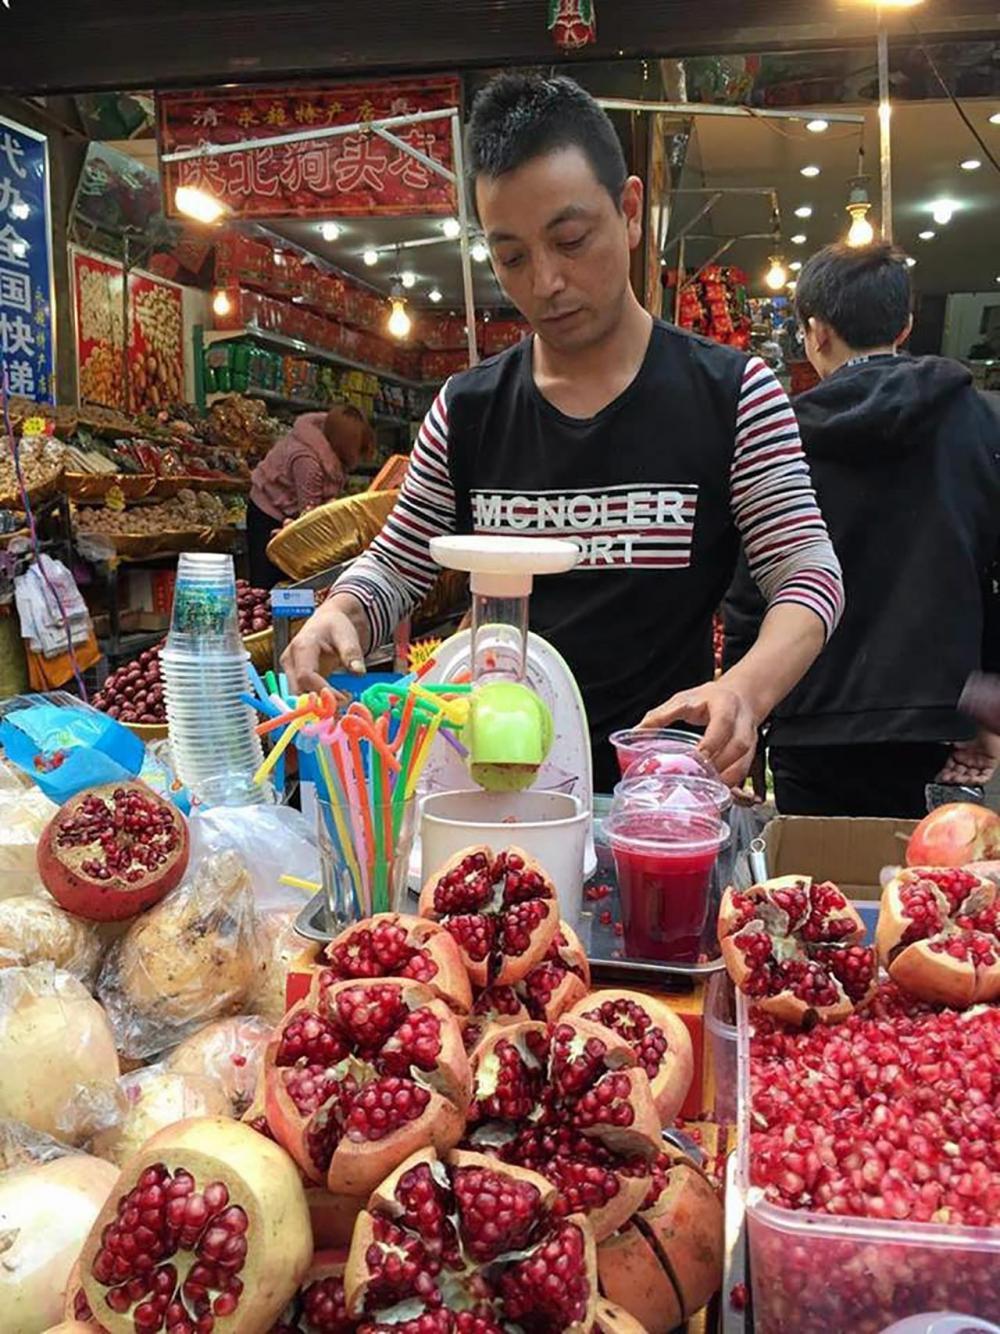 ร้านขายน้ำทับทิมคั้นสดที่ตลาดมุสลิม.